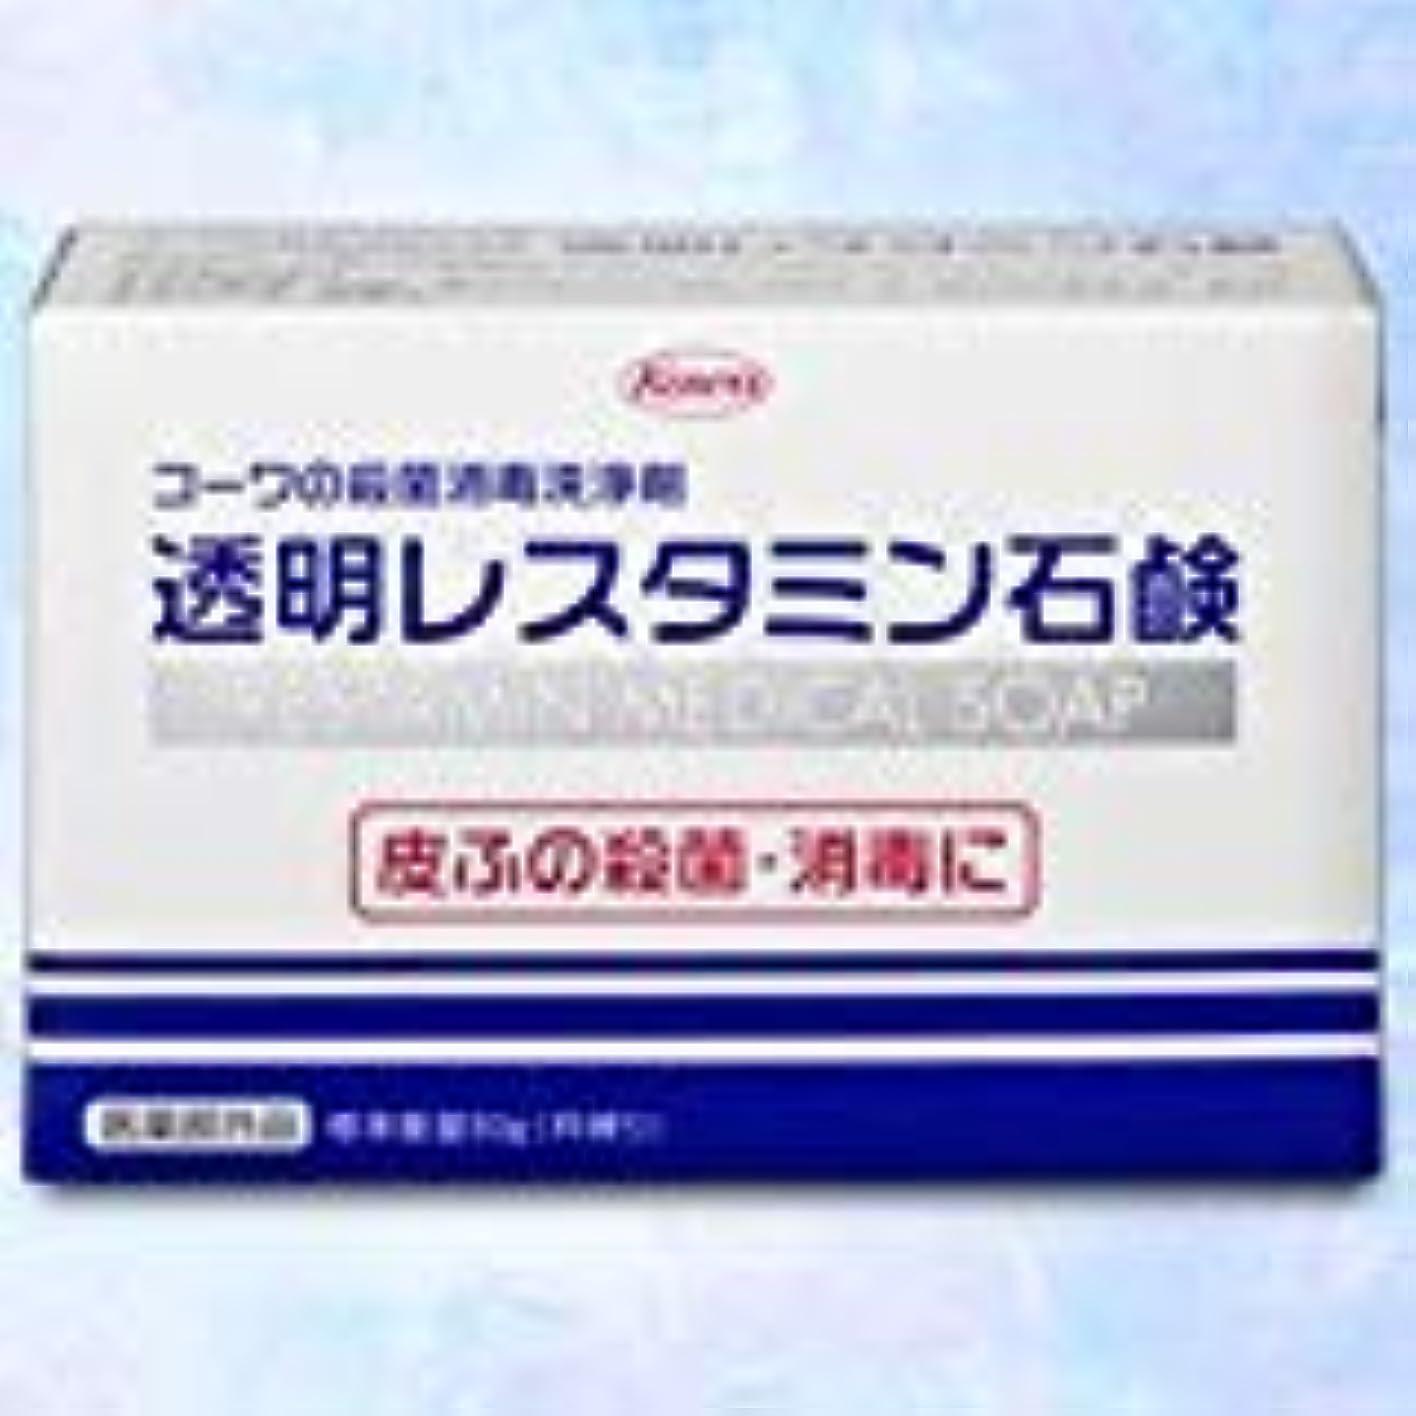 大きさ装置はちみつ【興和】コーワの殺菌消毒洗浄剤「透明レスタミン石鹸」80g(医薬部外品) ×5個セット